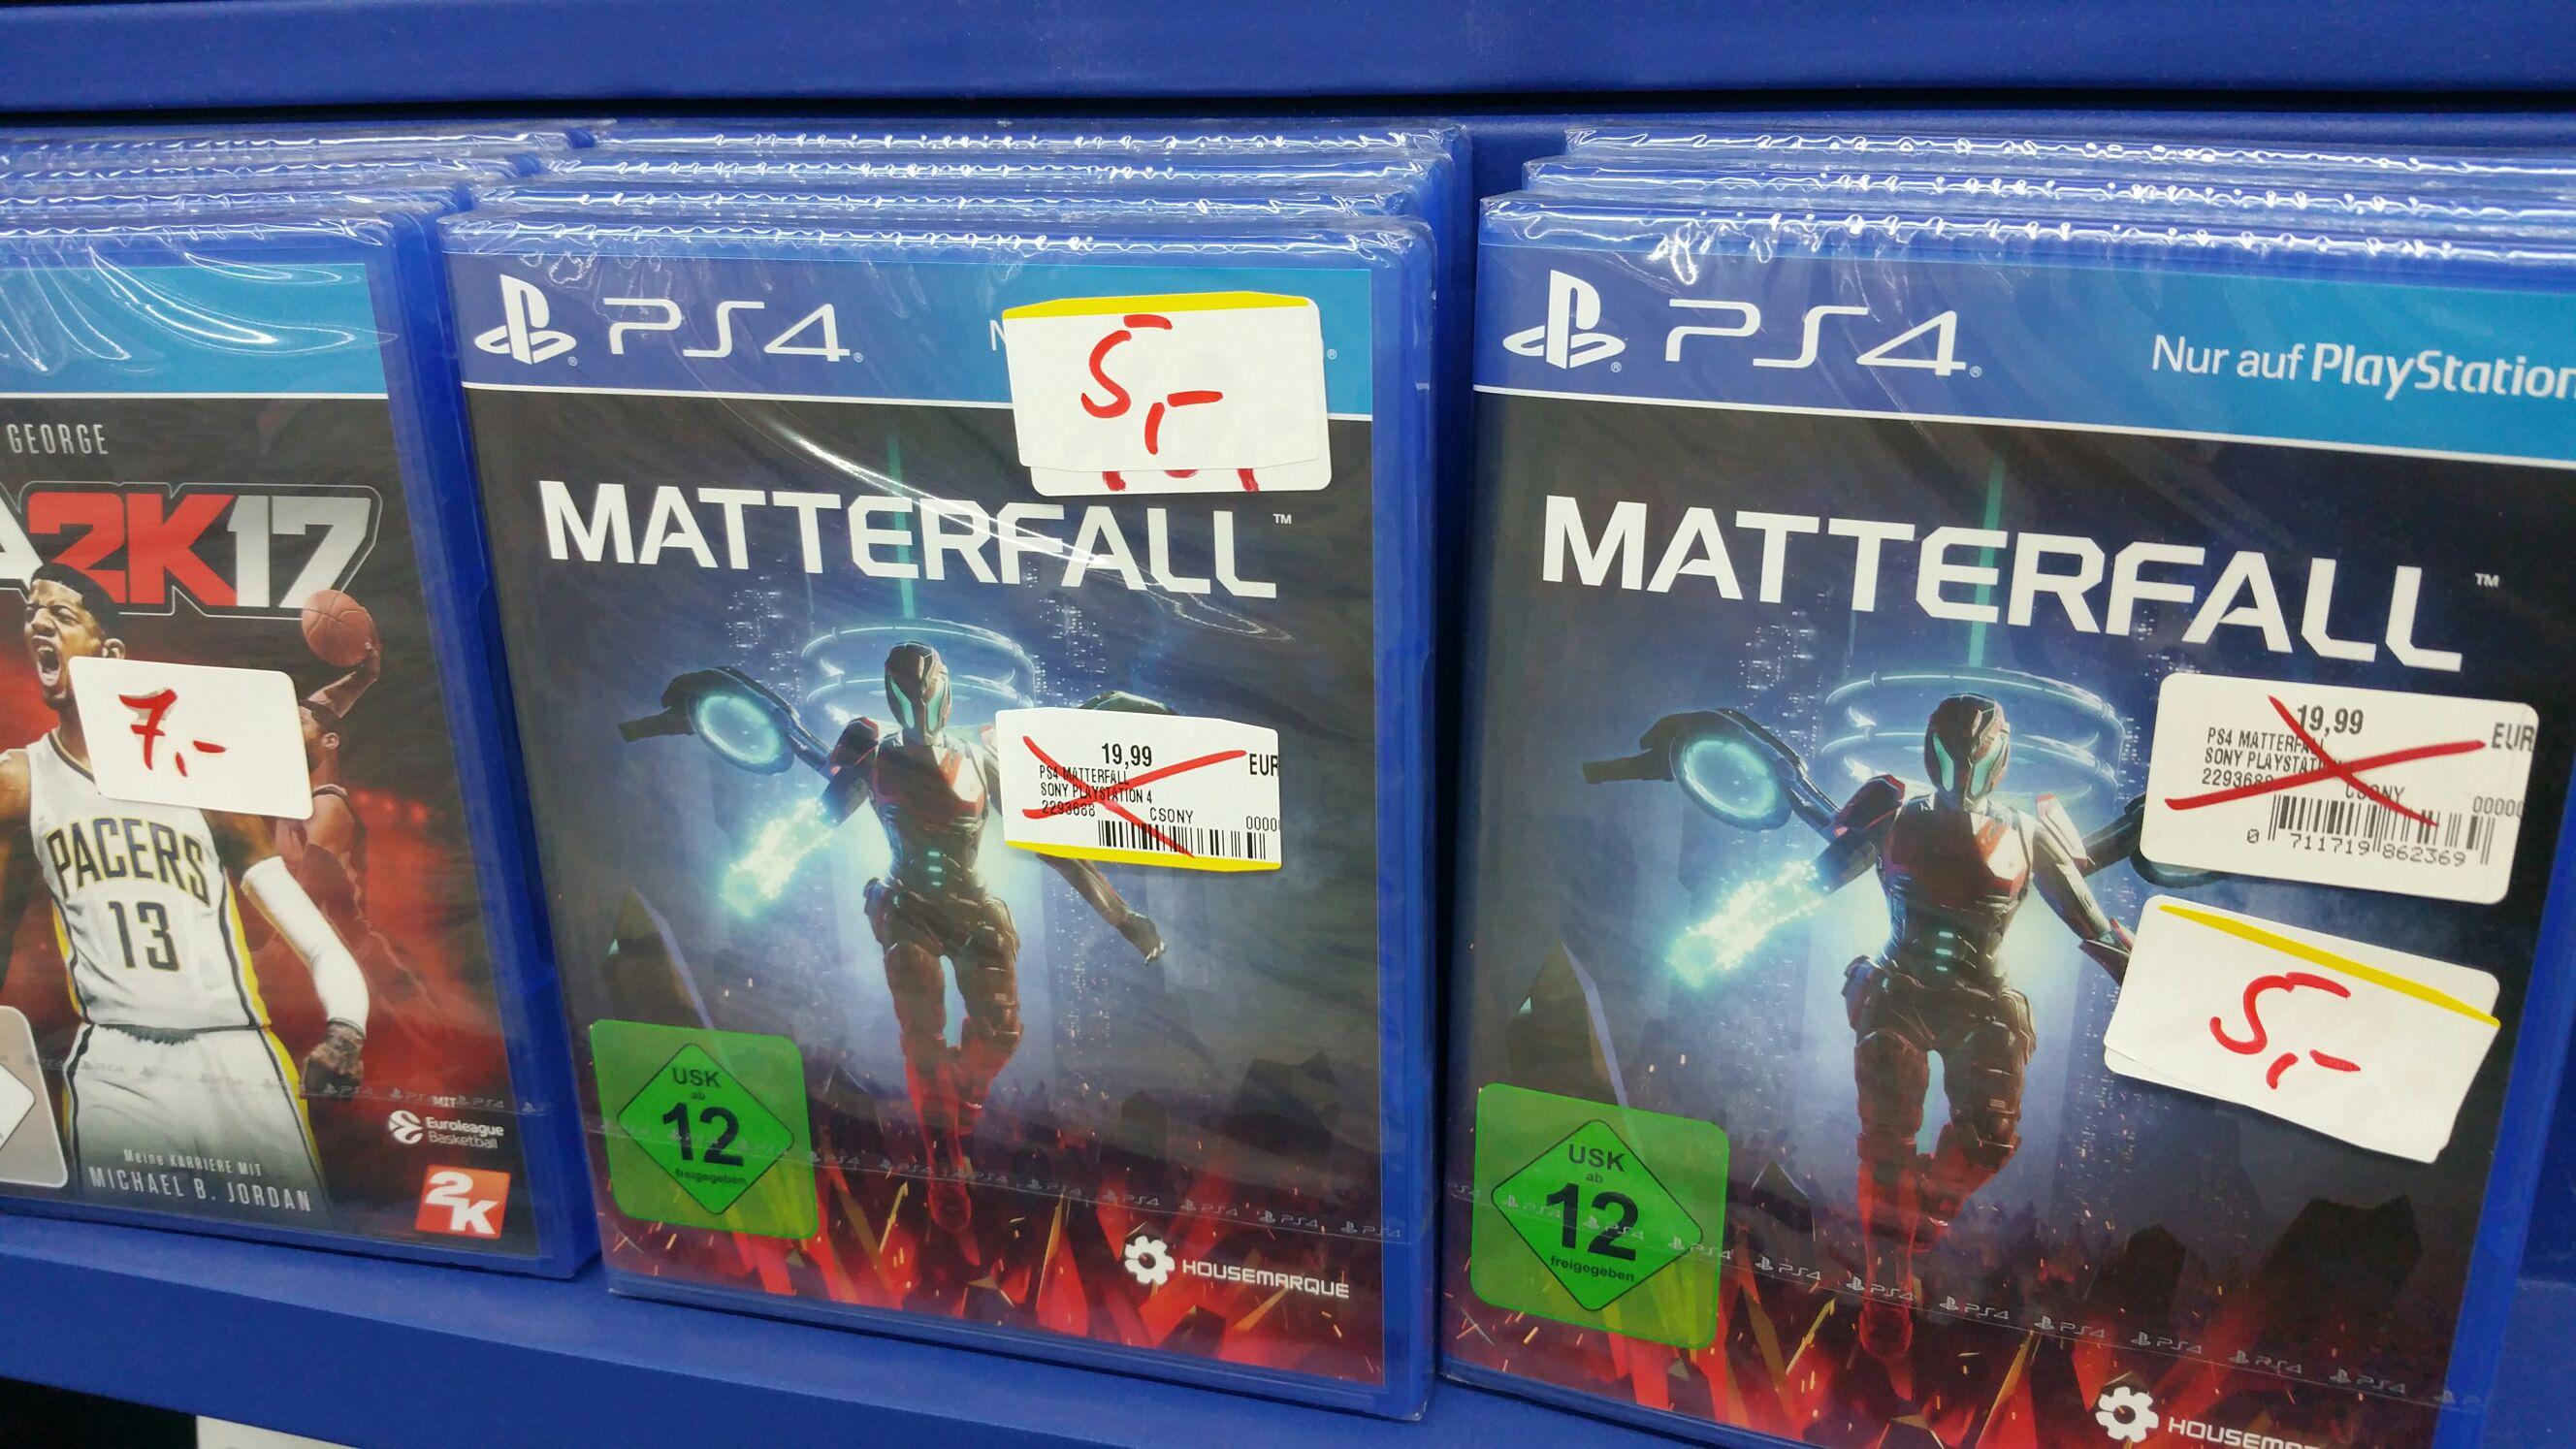 [MediaMarkt Potsdam] Matterfall für 5€ + NBA 2K17 für 7€ (PS4)